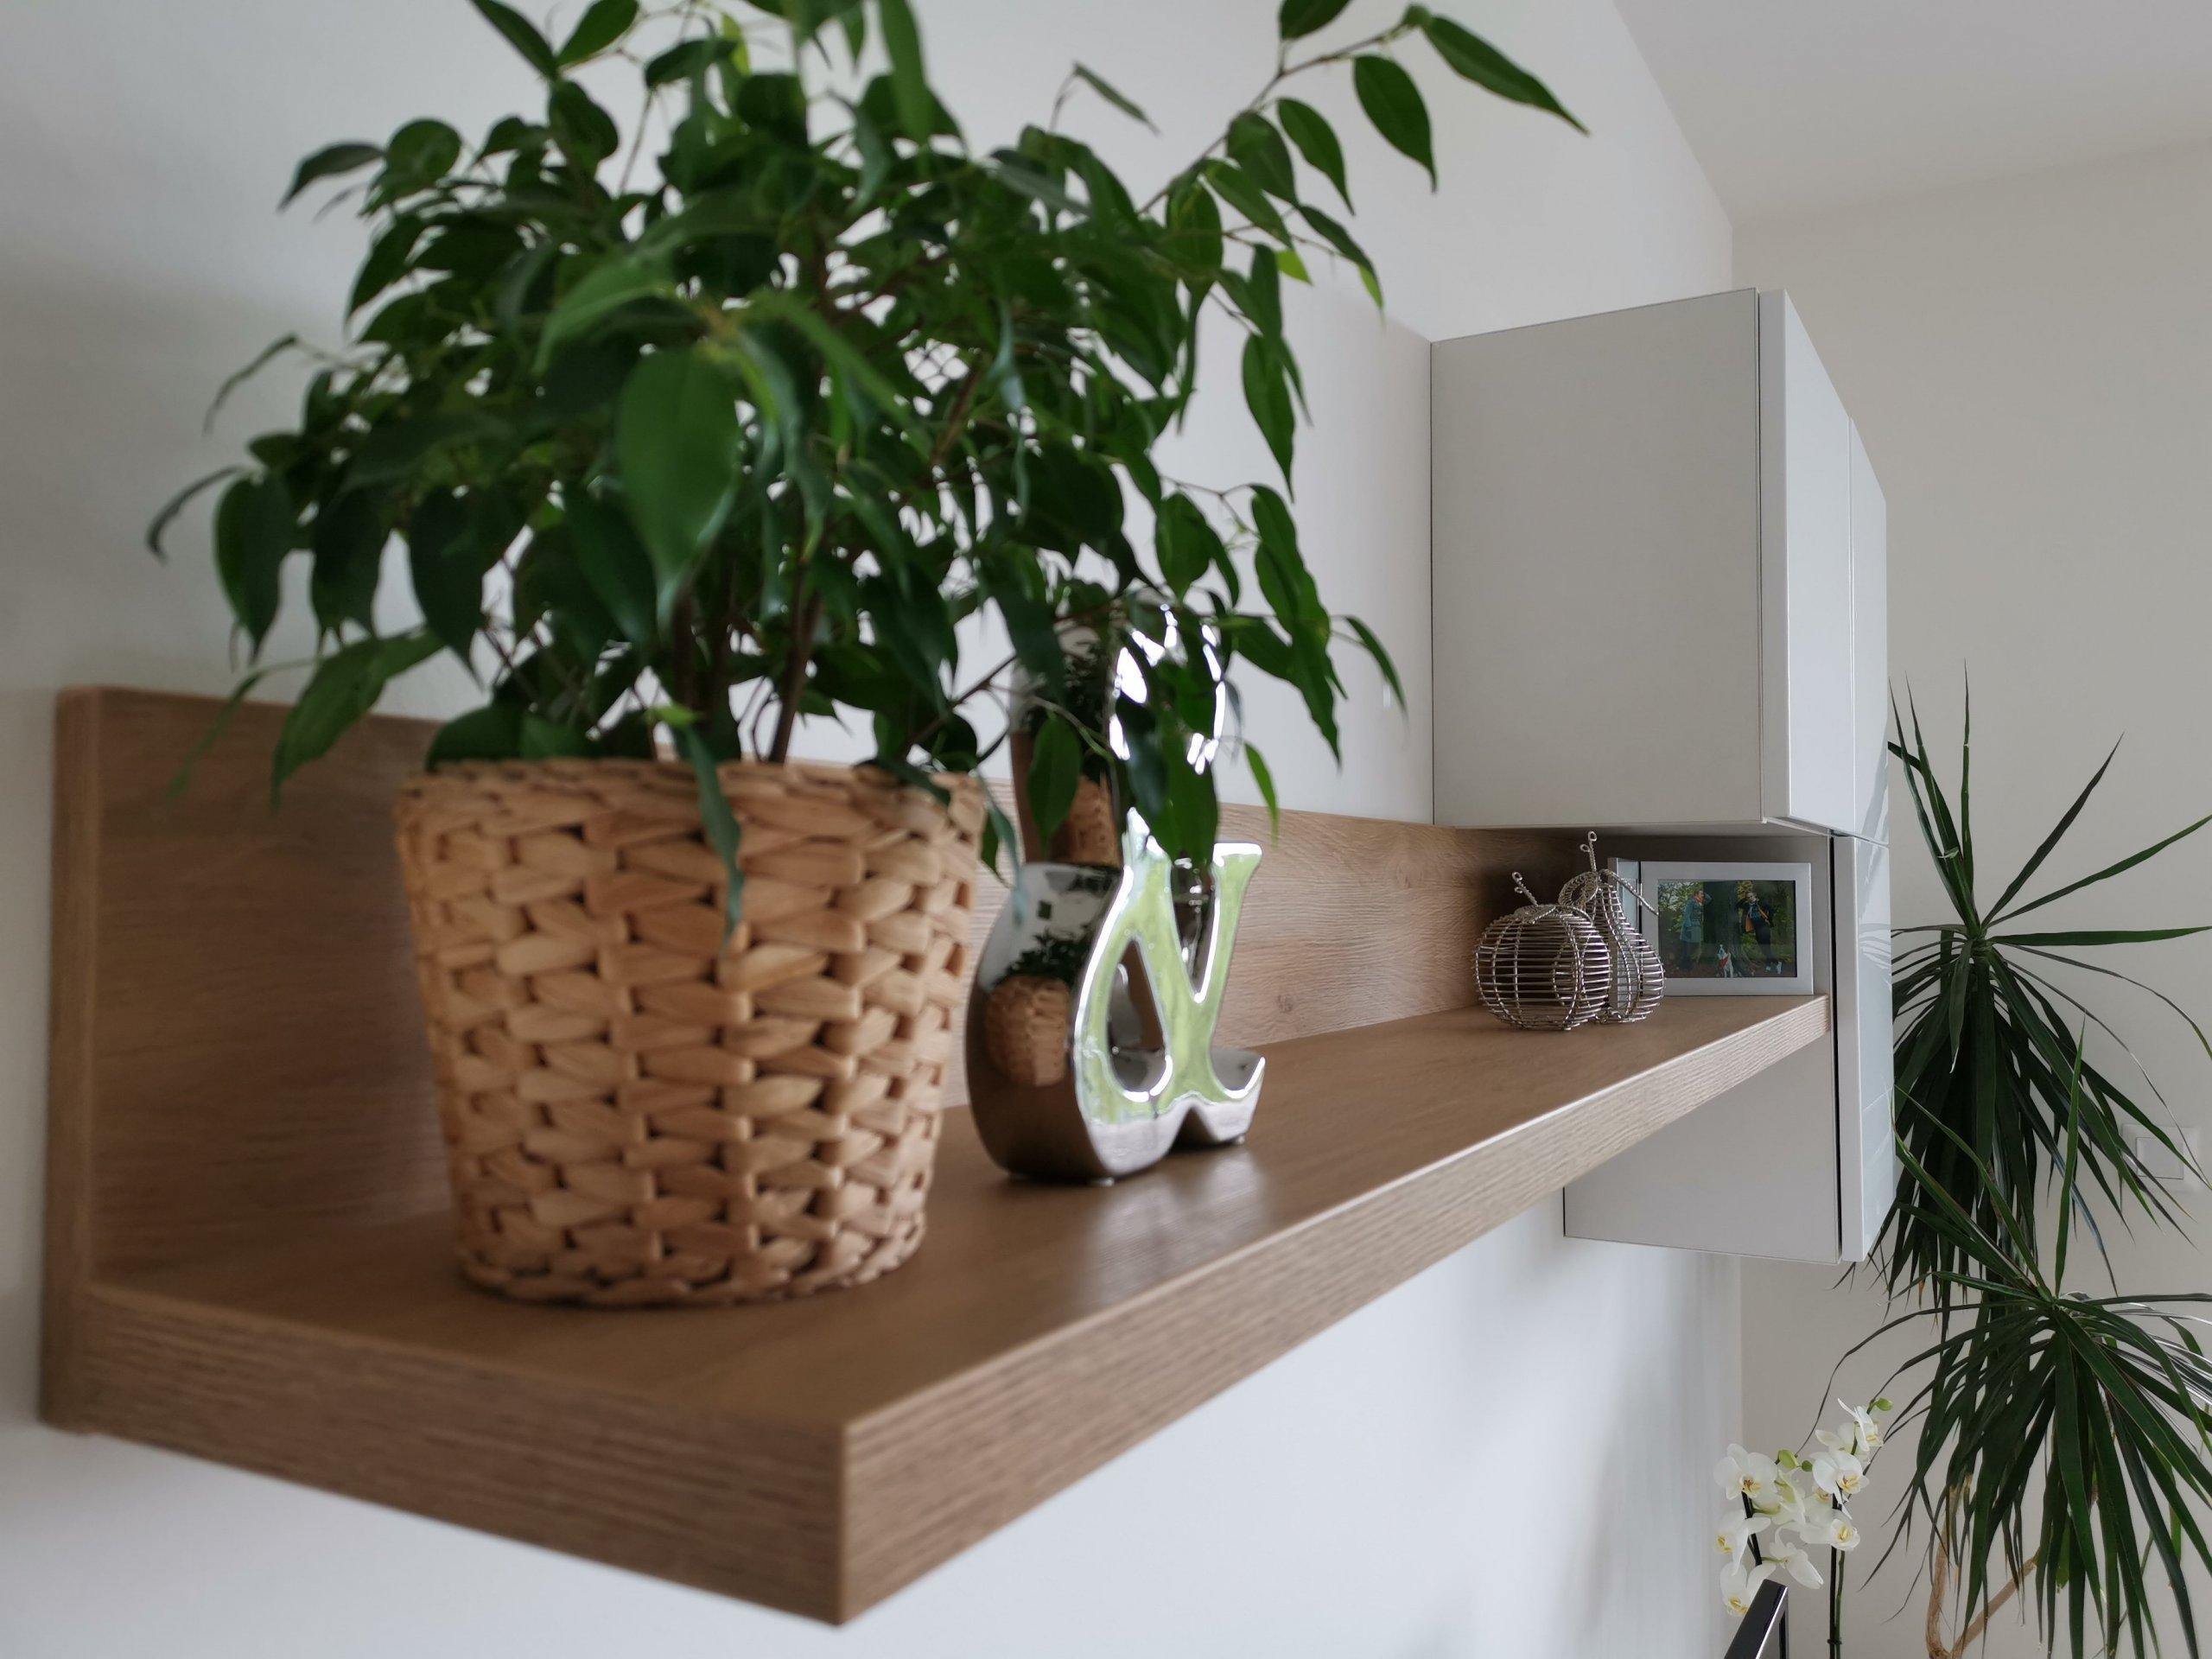 Realizace multifunkčního obývacího pokoje, v bytě 2+kk proběhla přesně podle plánu. Byl splněn požadavek na spoustu úložného prostoru, pohodlné občasné spaní ,…